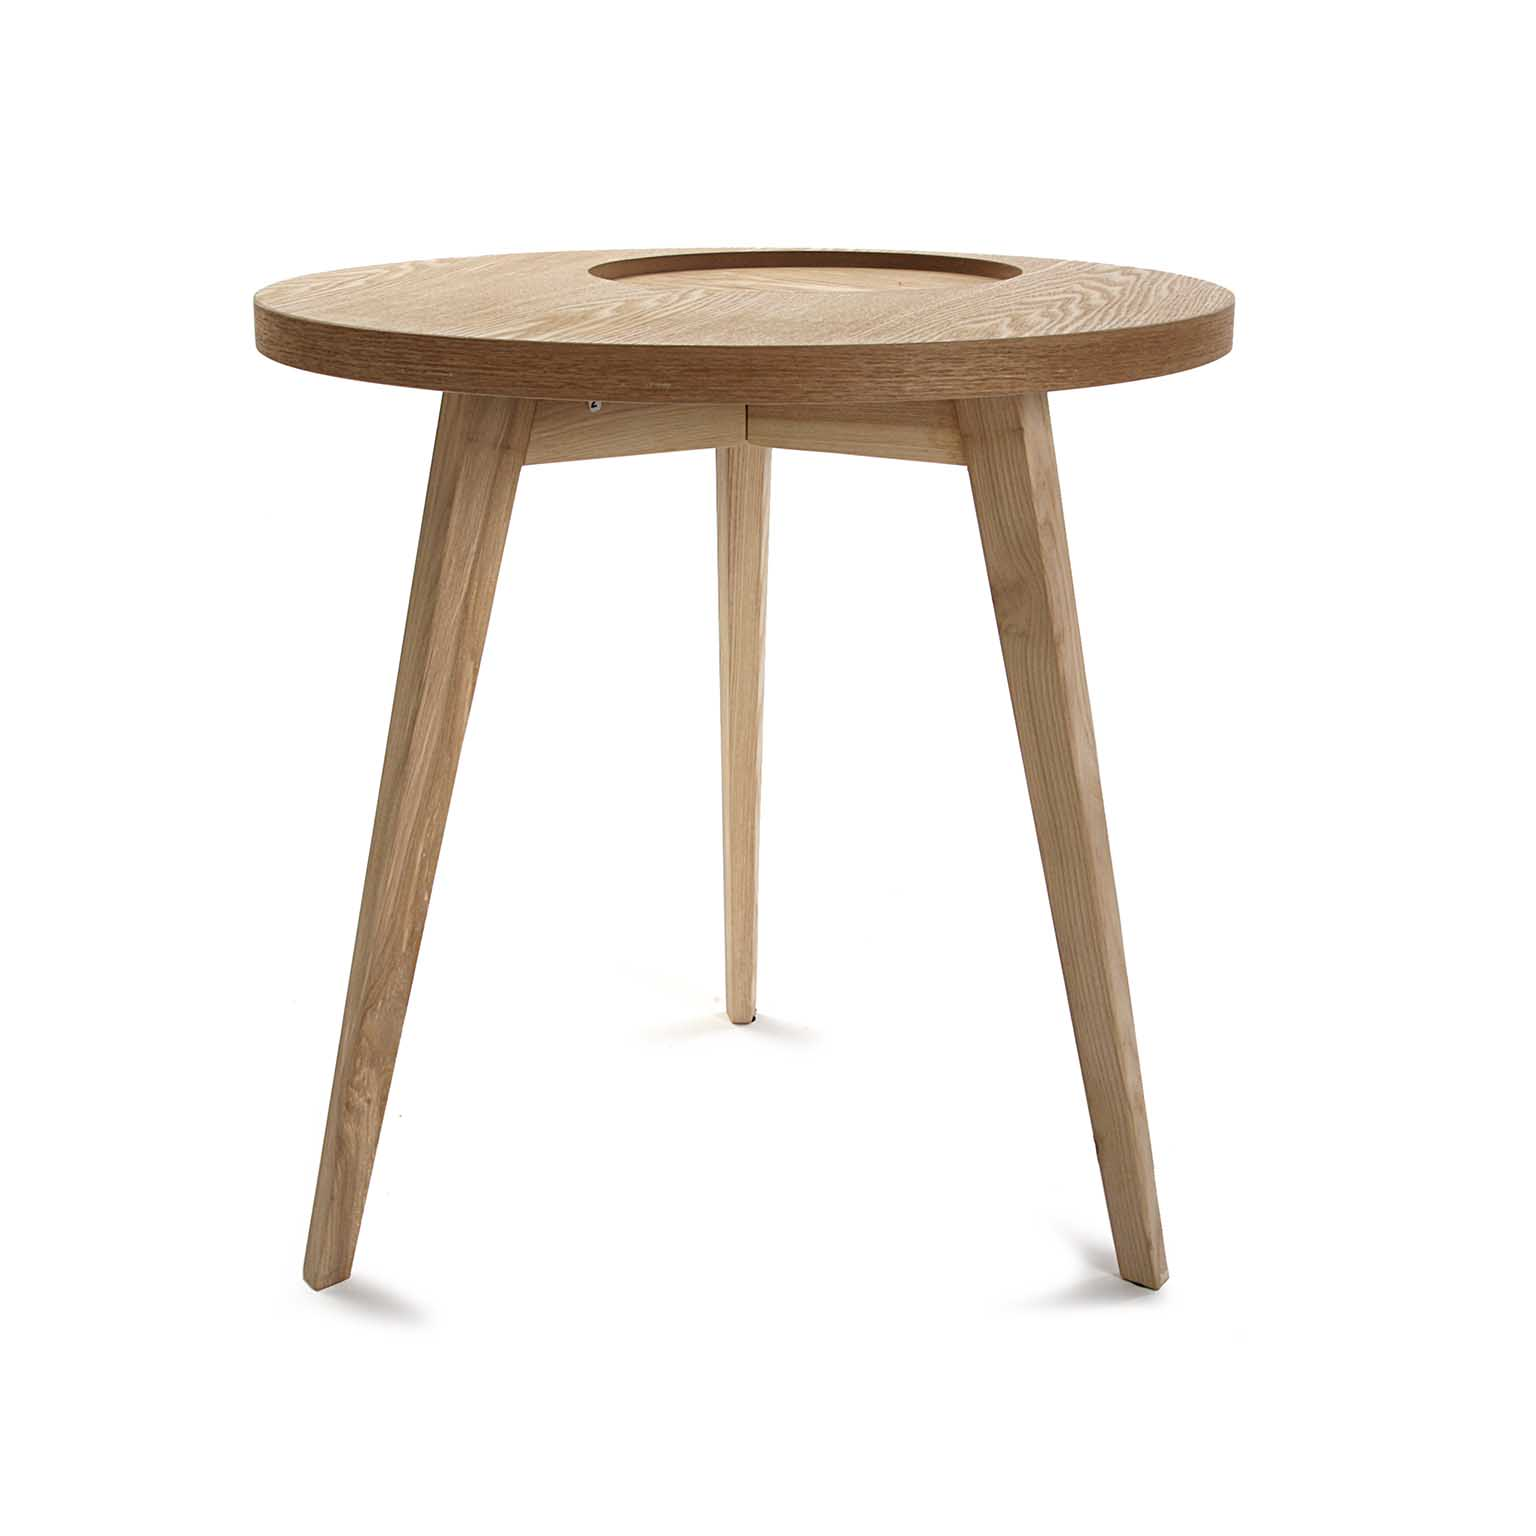 Table De Chevet Bout De Canapé Style Scandinave En Bois Clair évidé Forme Ronde D50xh50cm